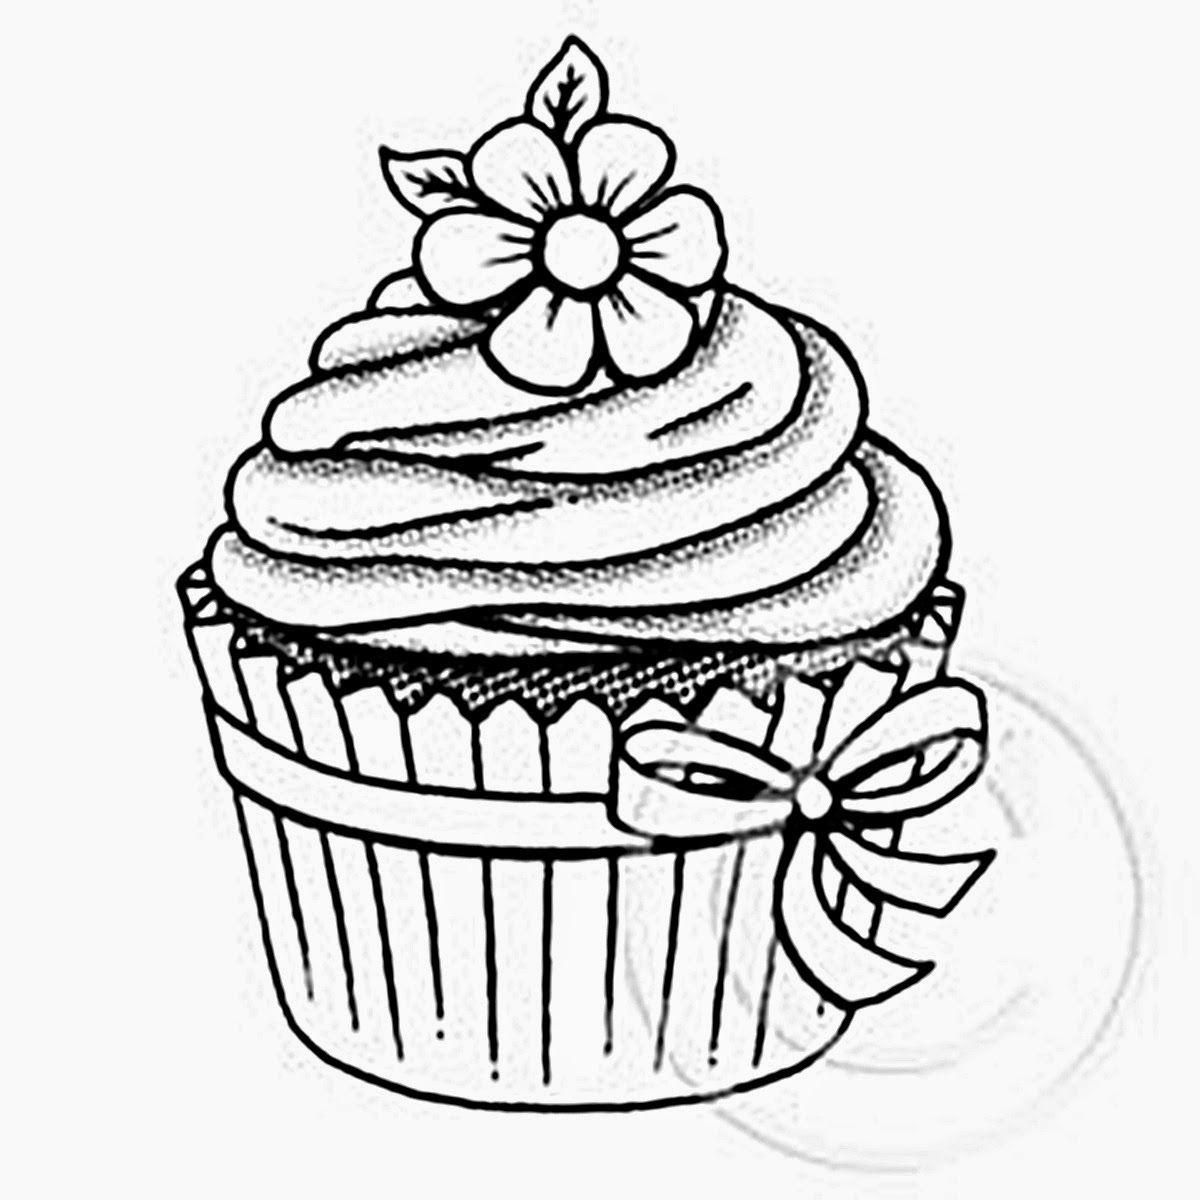 Riscos graciosos (Cute Drawings): Cupcakes, sorvetes e